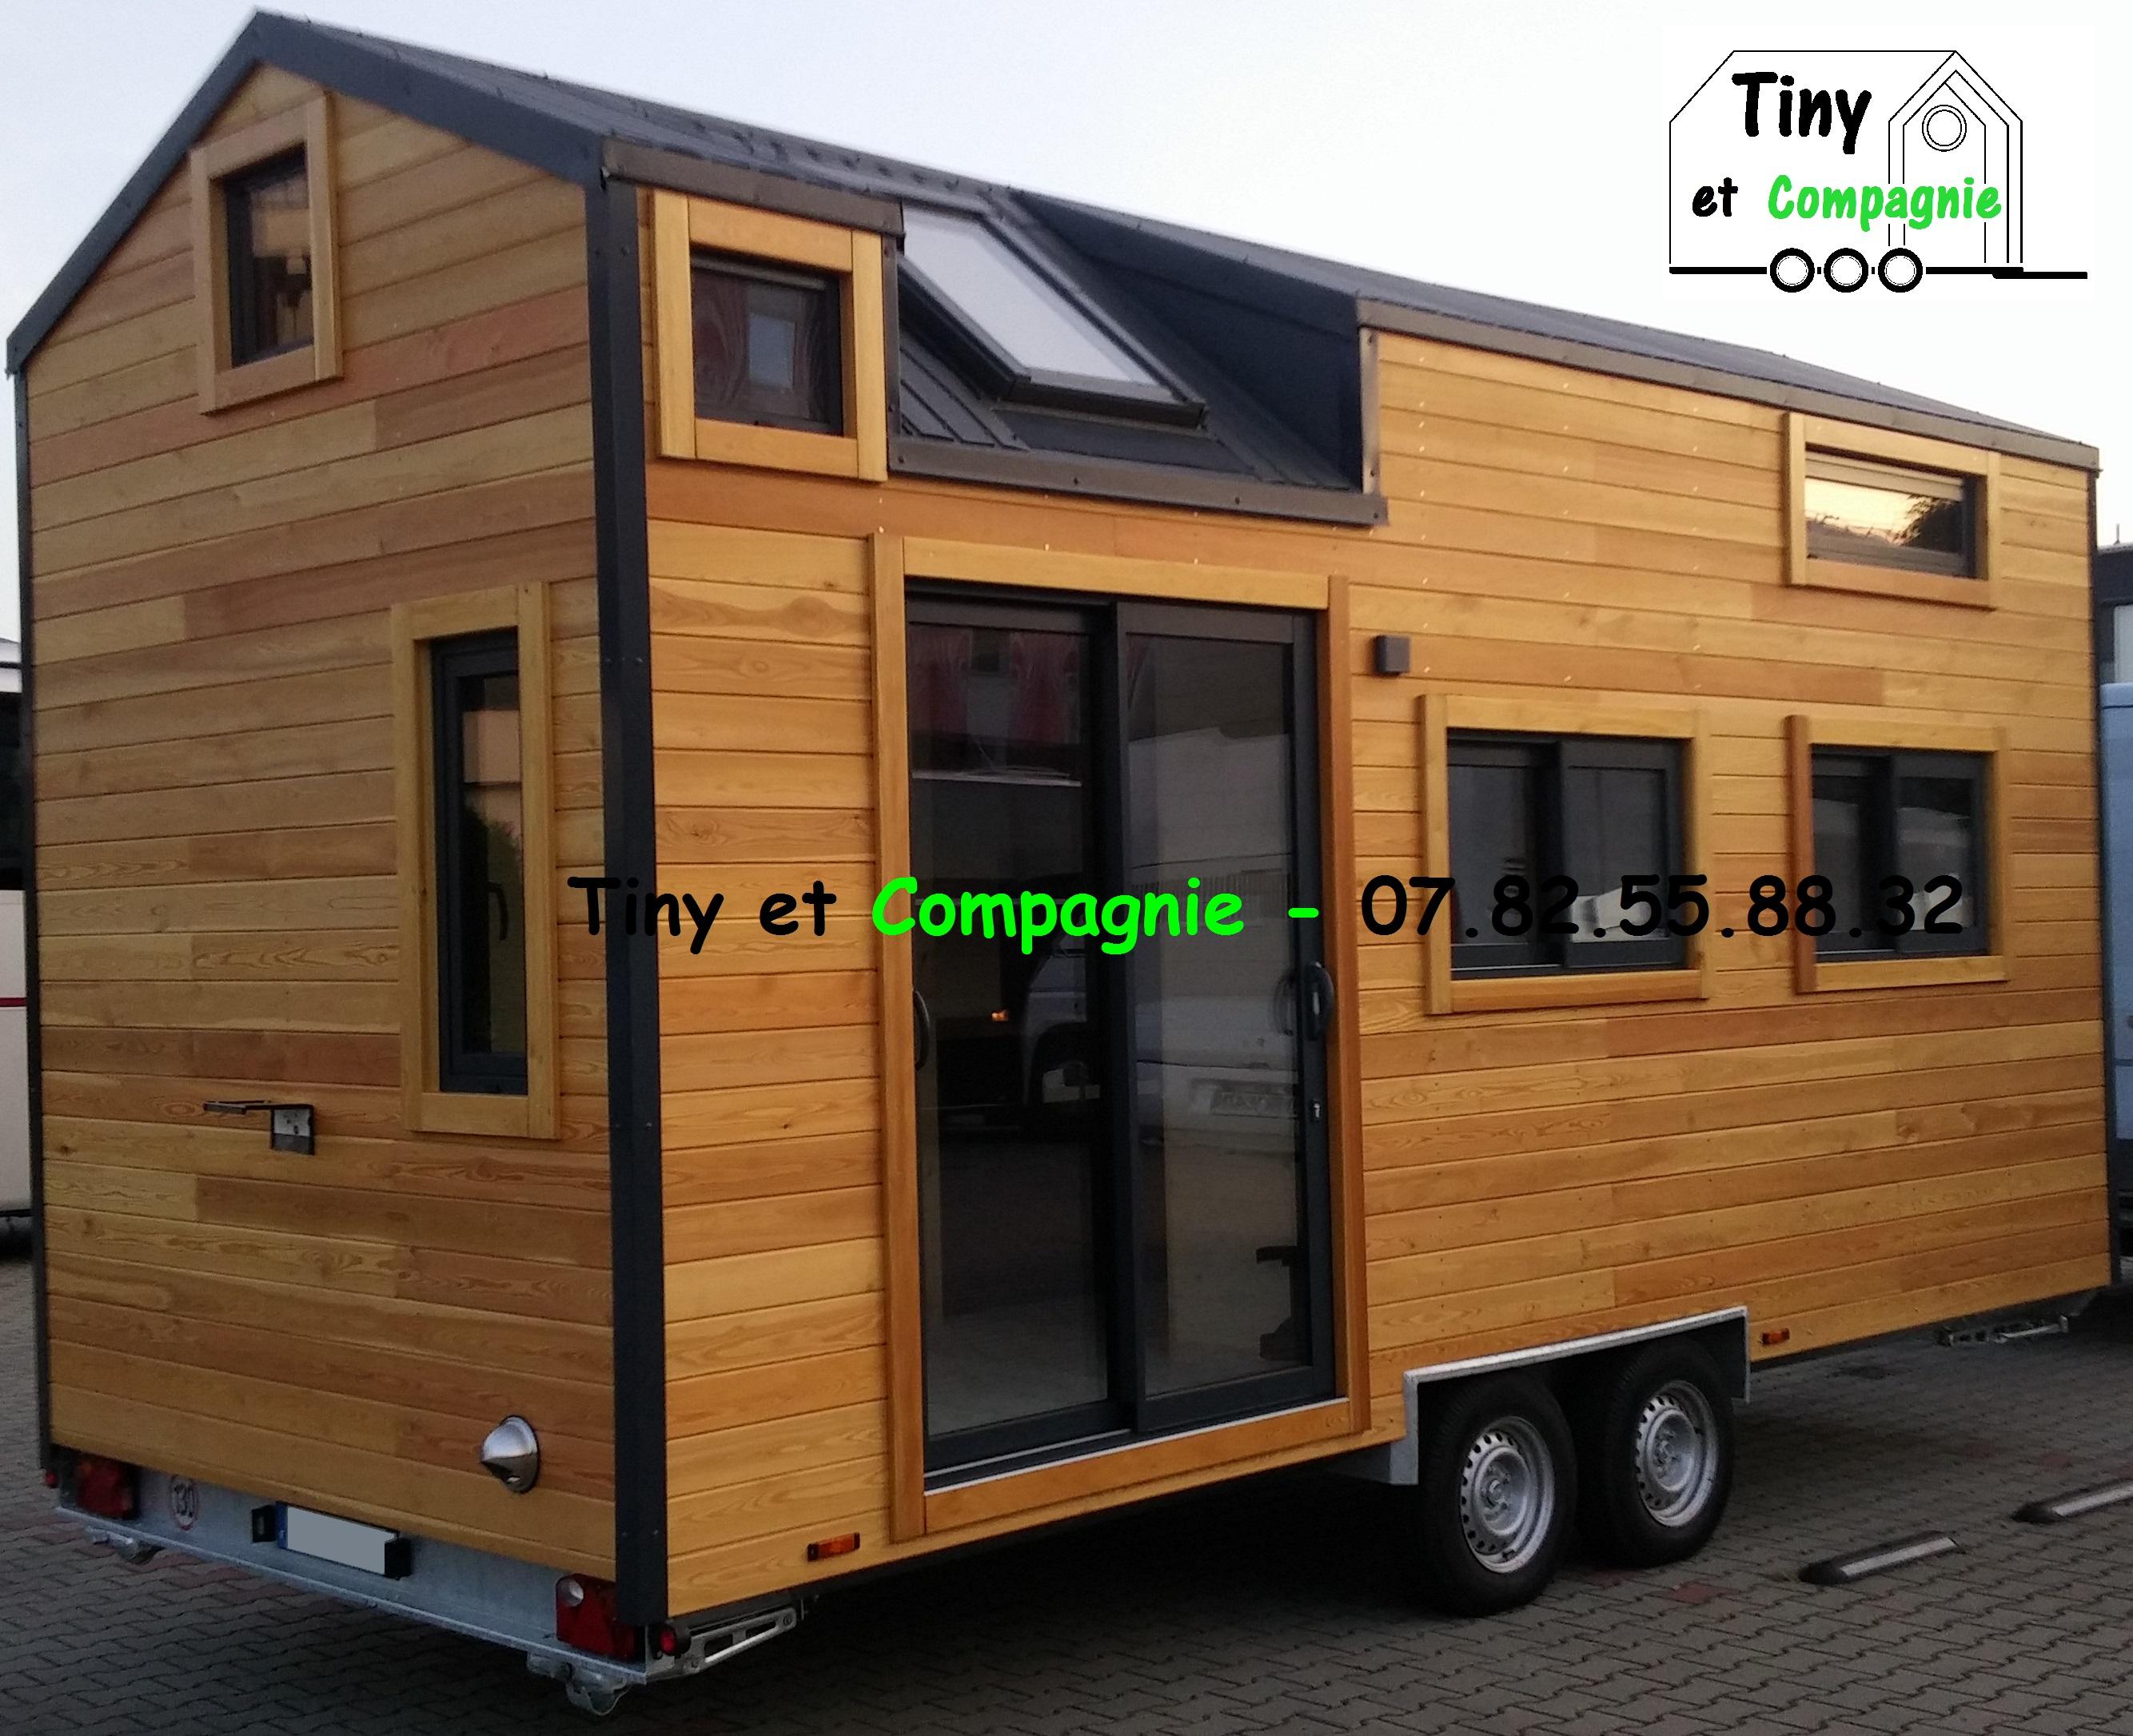 Tiny et Compagnie - Cabana 2019 (Exterie